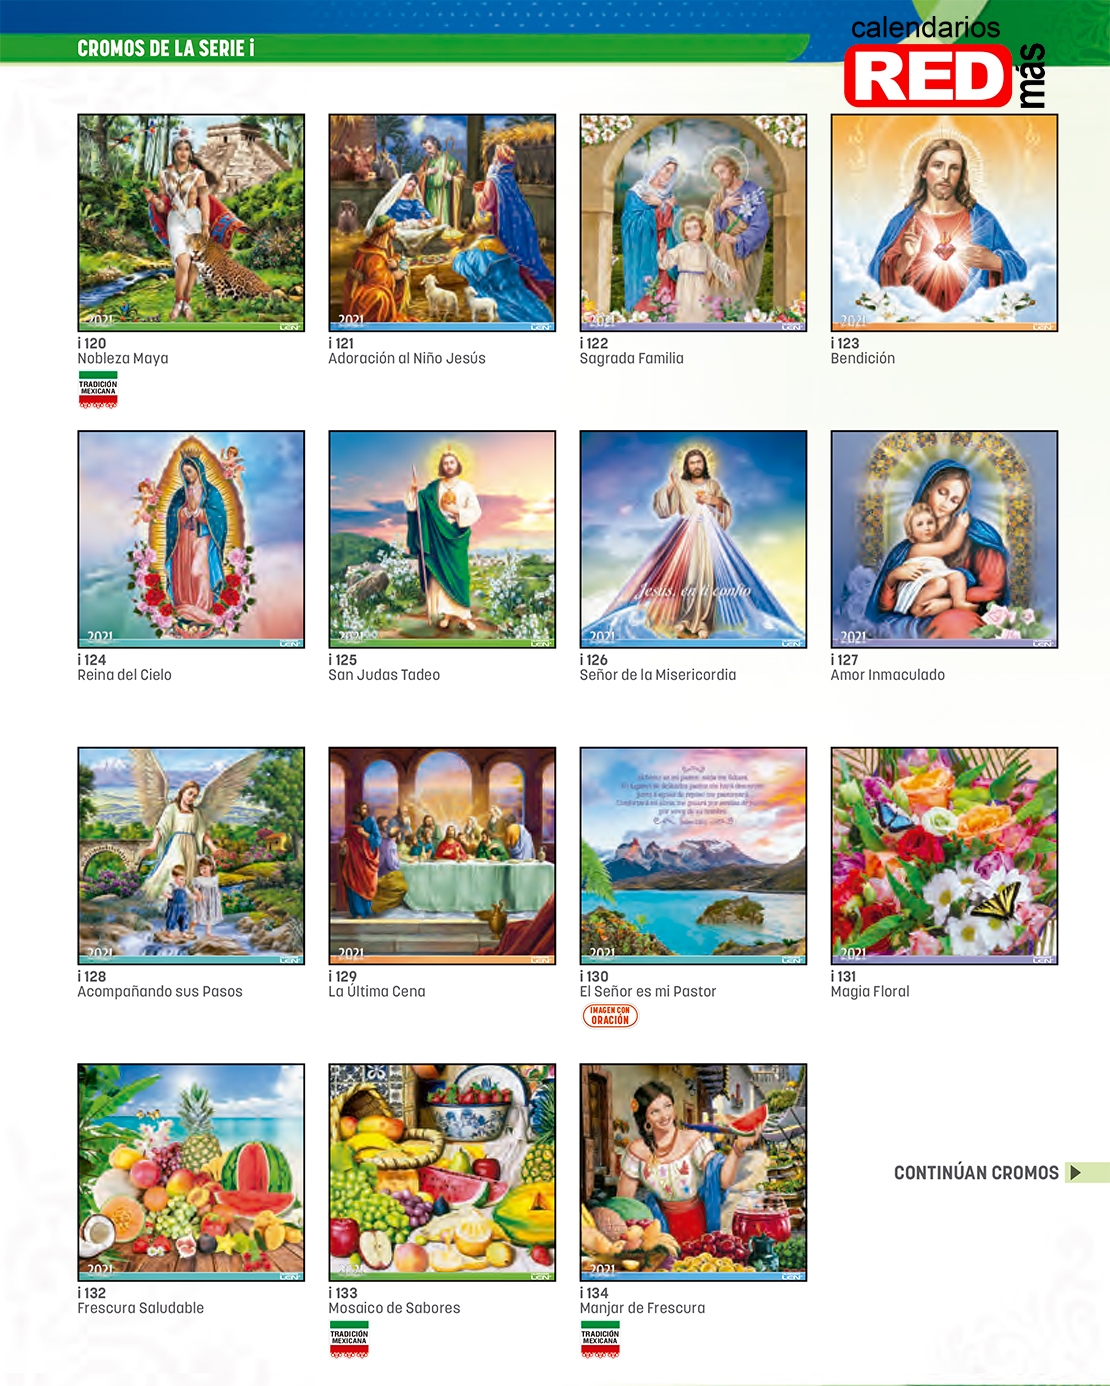 49-Catalogo-Calendarios-LEN-2021-Serie-i-120-134-calendarios-red-2021.jpg